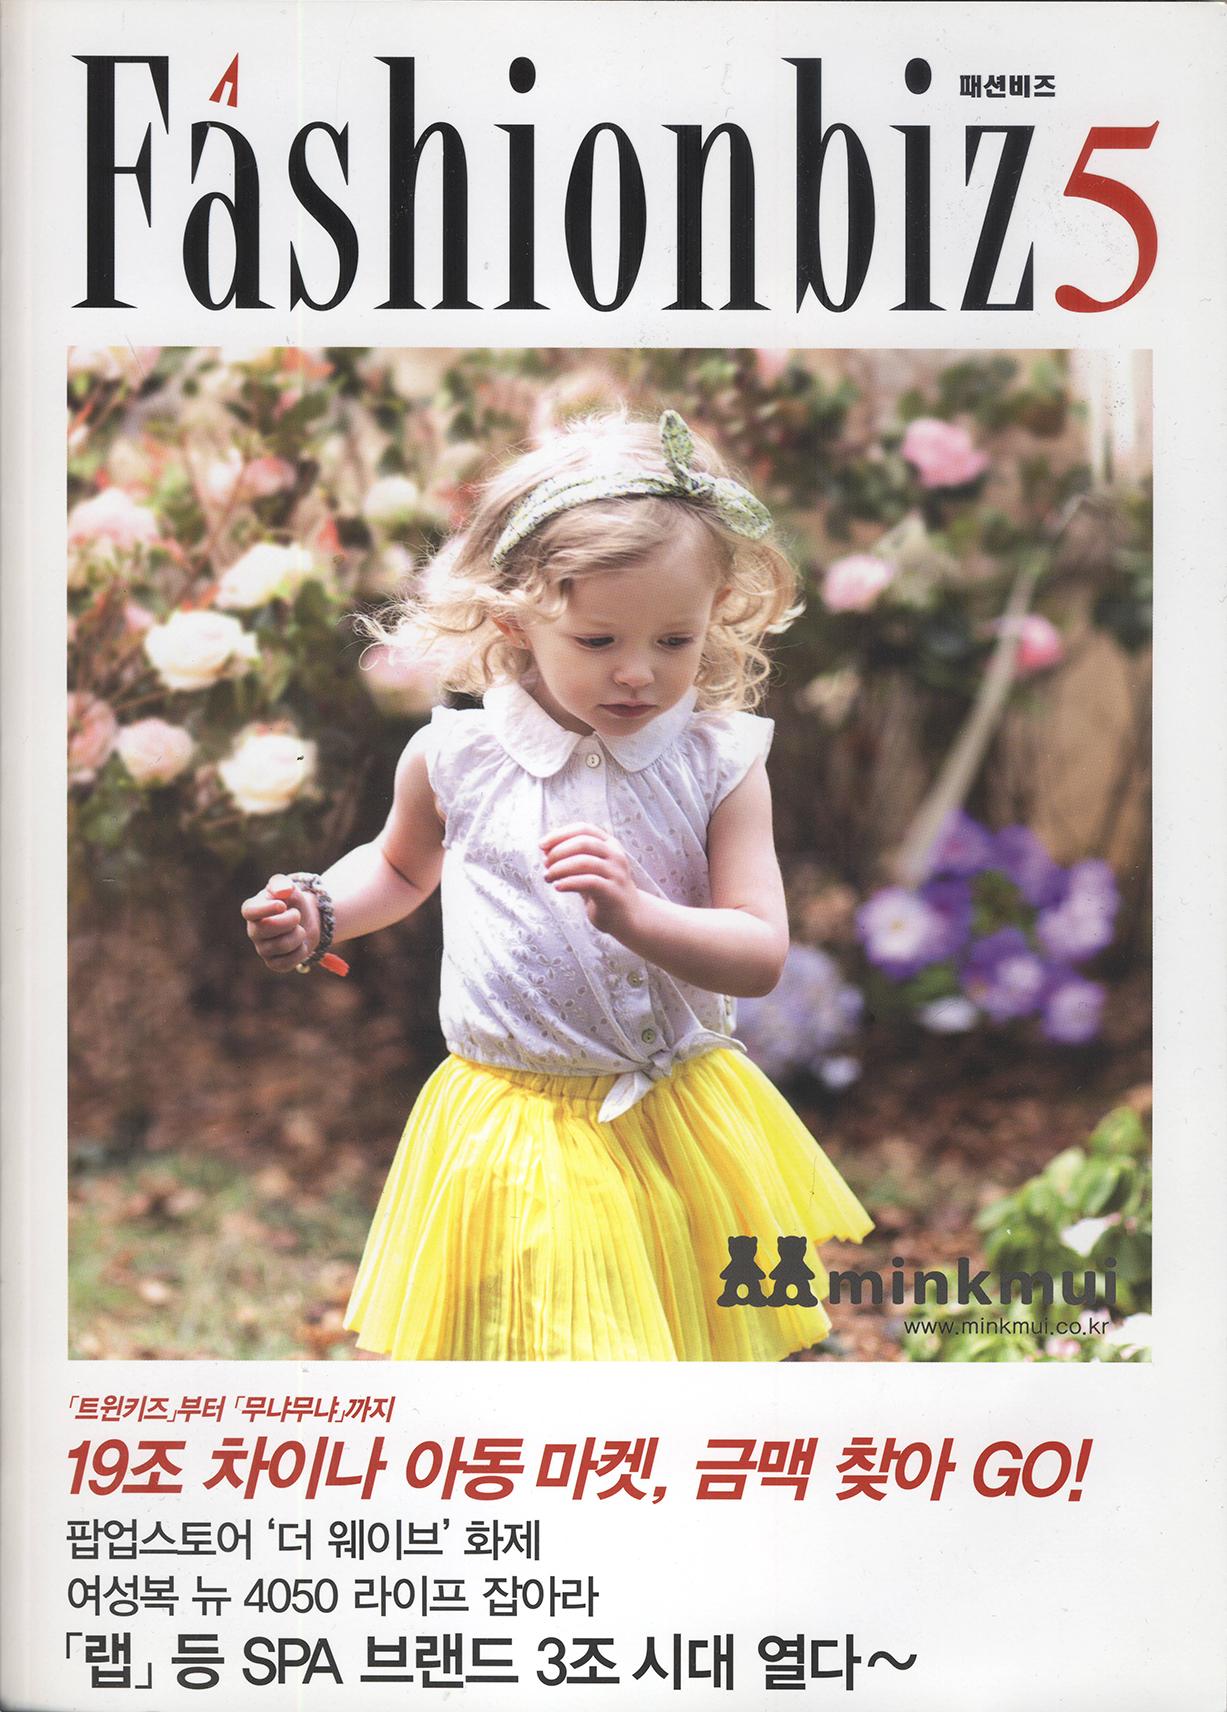 fashionbiz5_2.jpg